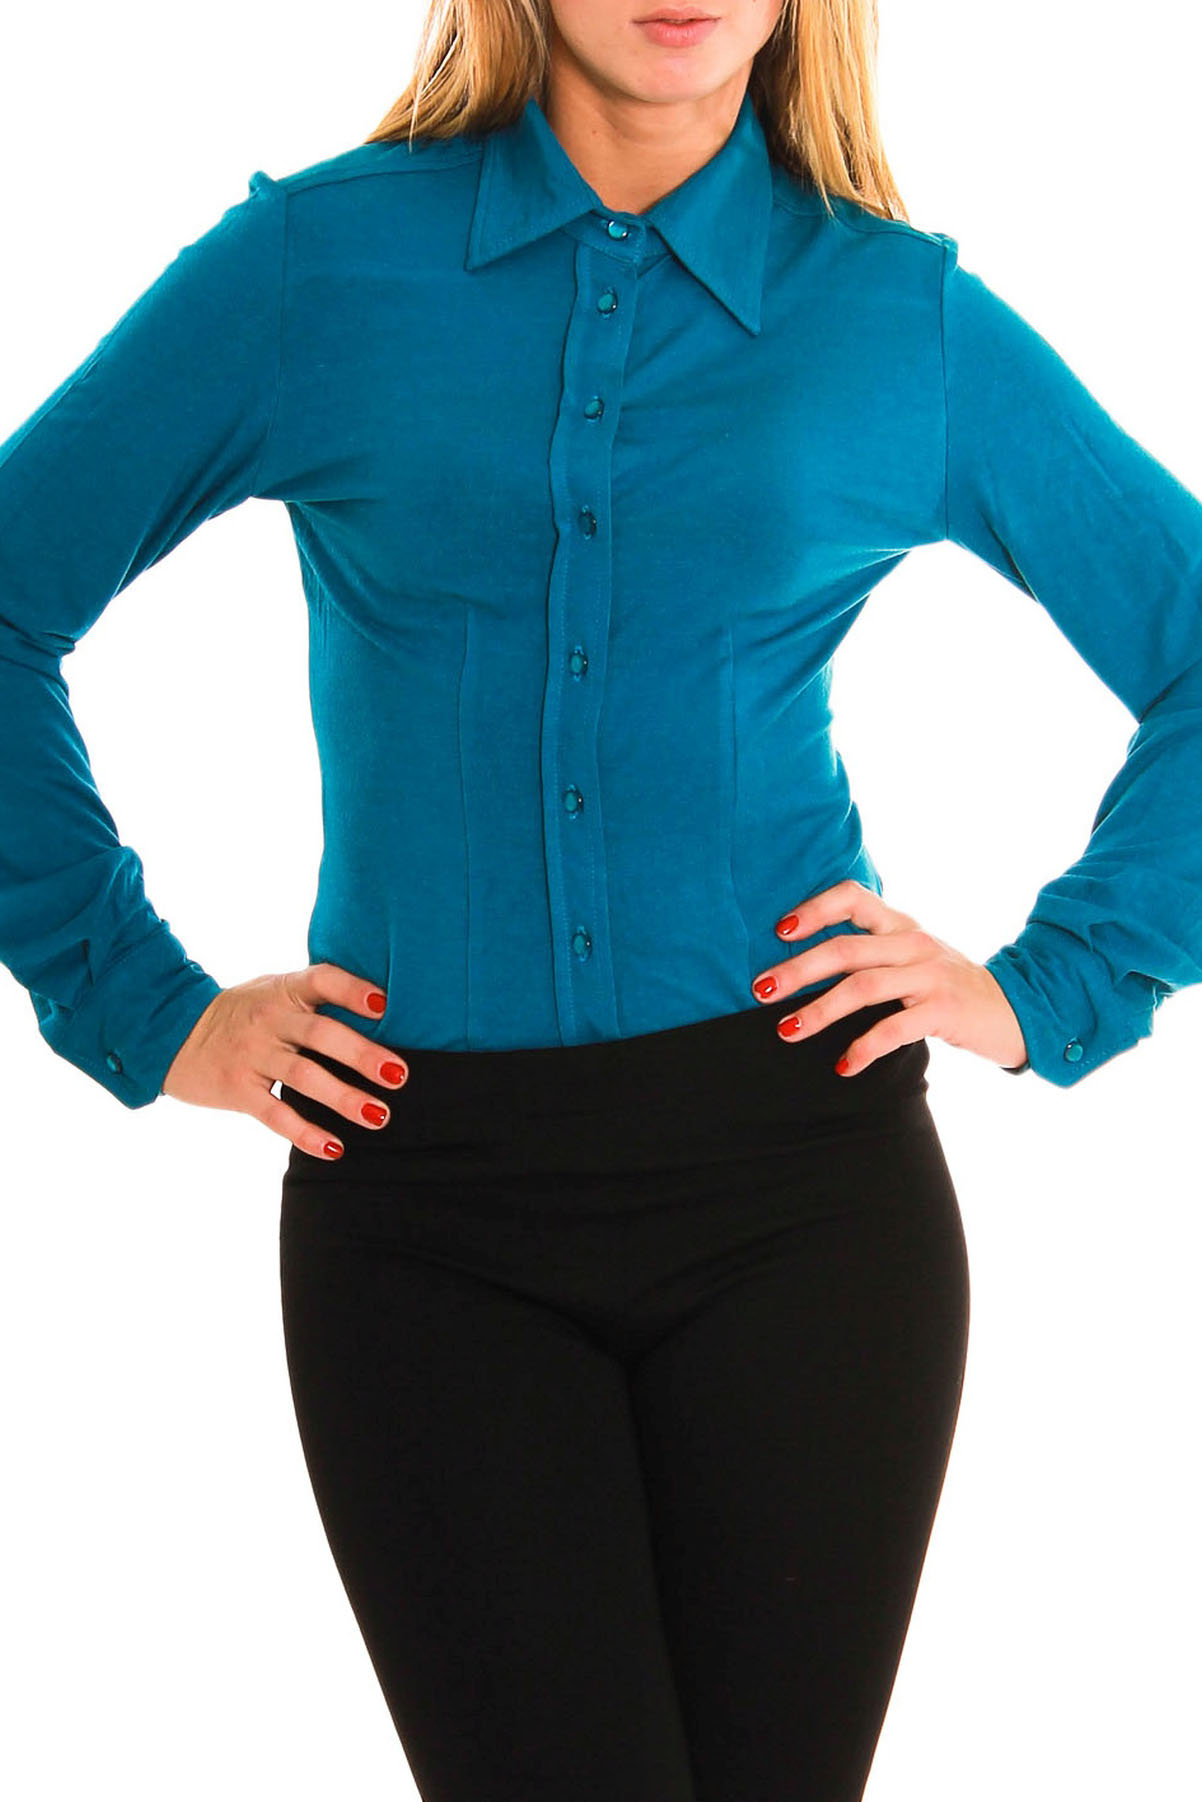 Рубашка-бодиБоди<br>Женская рубашка-боди из мягкой вискозы.  Рост девушки-фотомодели 170 см.<br><br>Воротник: Рубашечный<br>По материалу: Вискоза,Трикотаж<br>По образу: Город,Офис,Свидание,Деним (джинс)<br>По рисунку: Однотонные<br>По сезону: Осень,Весна<br>По форме: Рубашка-боди<br>Рукав: Длинный рукав<br>По стилю: Винтаж,Классический стиль,Повседневный стиль<br>Размер : 42,44,46,48<br>Материал: Вискоза<br>Количество в наличии: 3